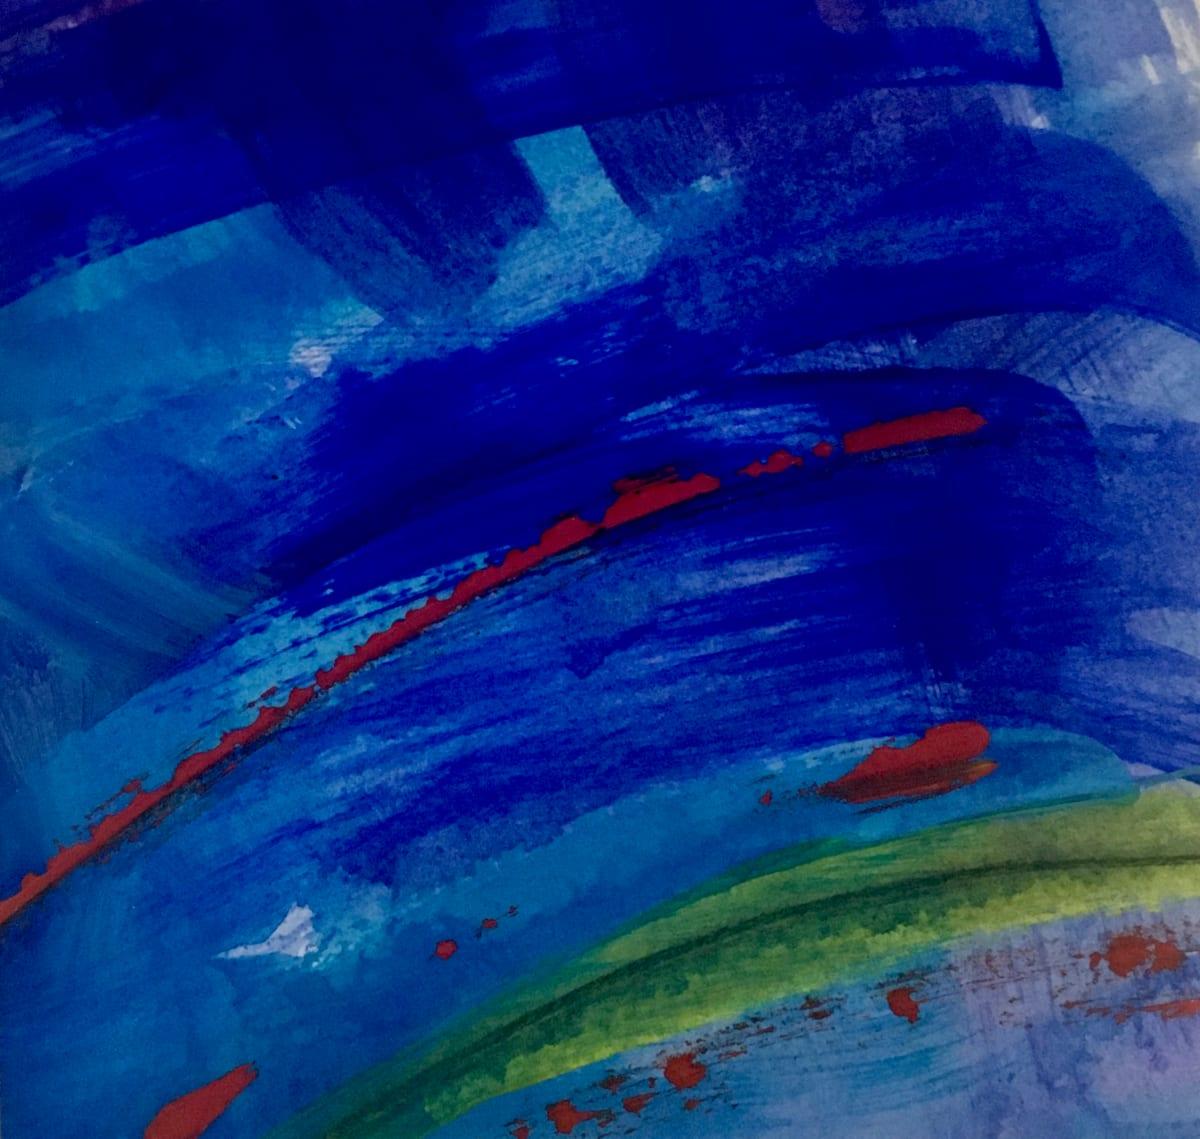 Leap of Love by Julea Boswell